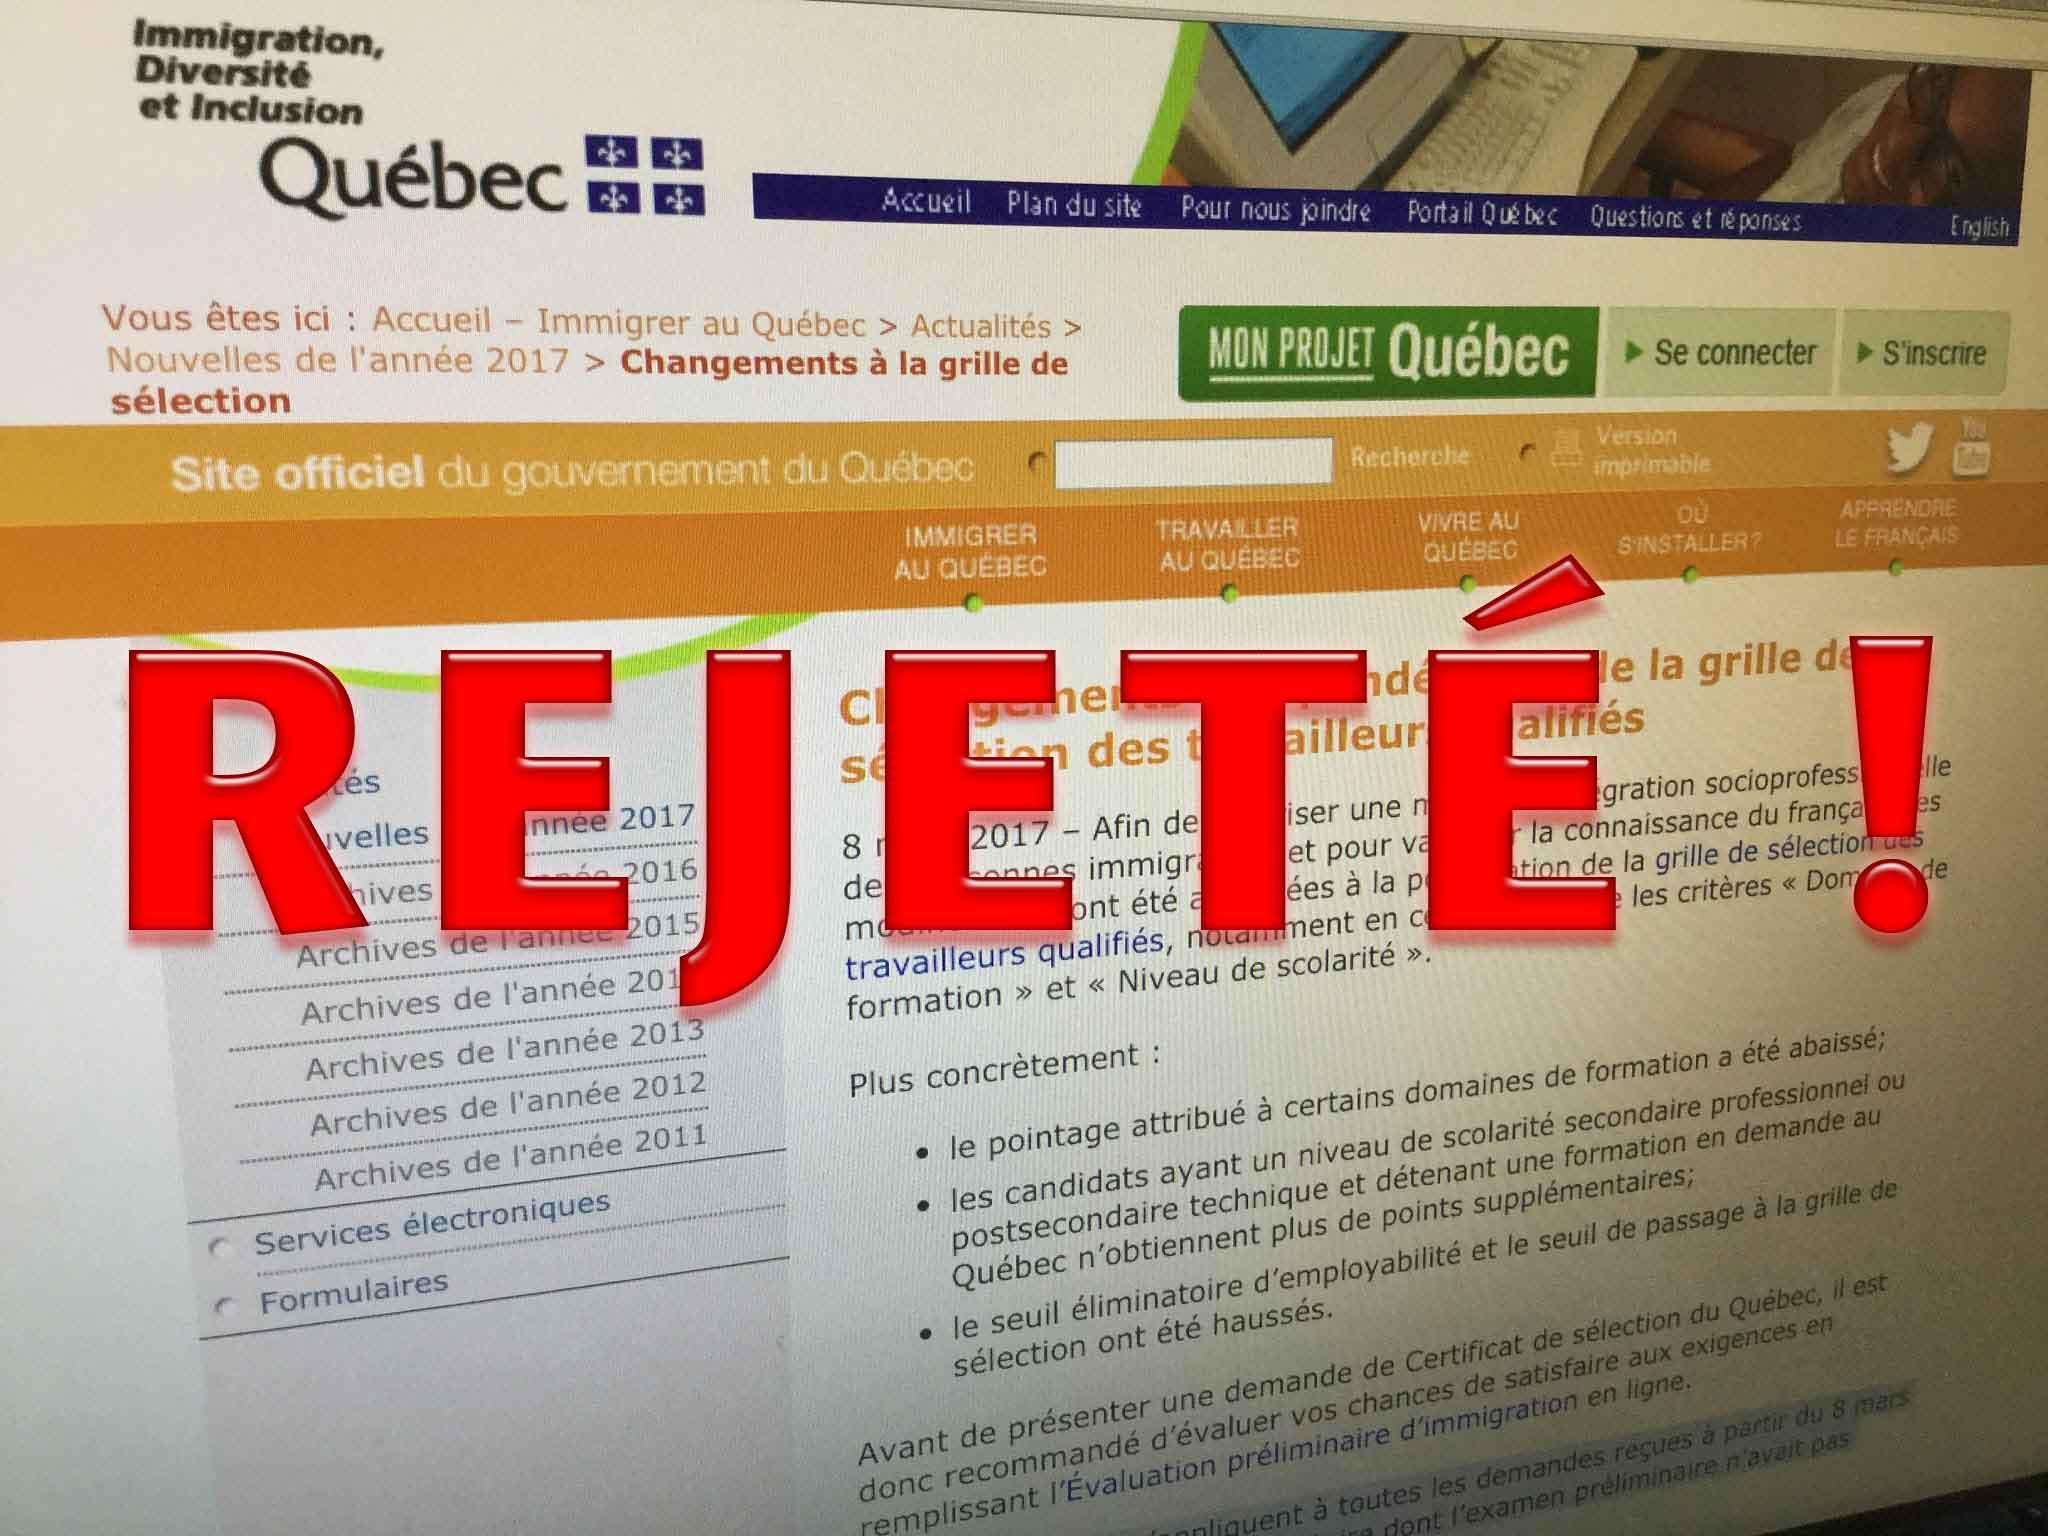 Changements Des Criteres D Immigration Au Quebec Ce Qu Il Faut